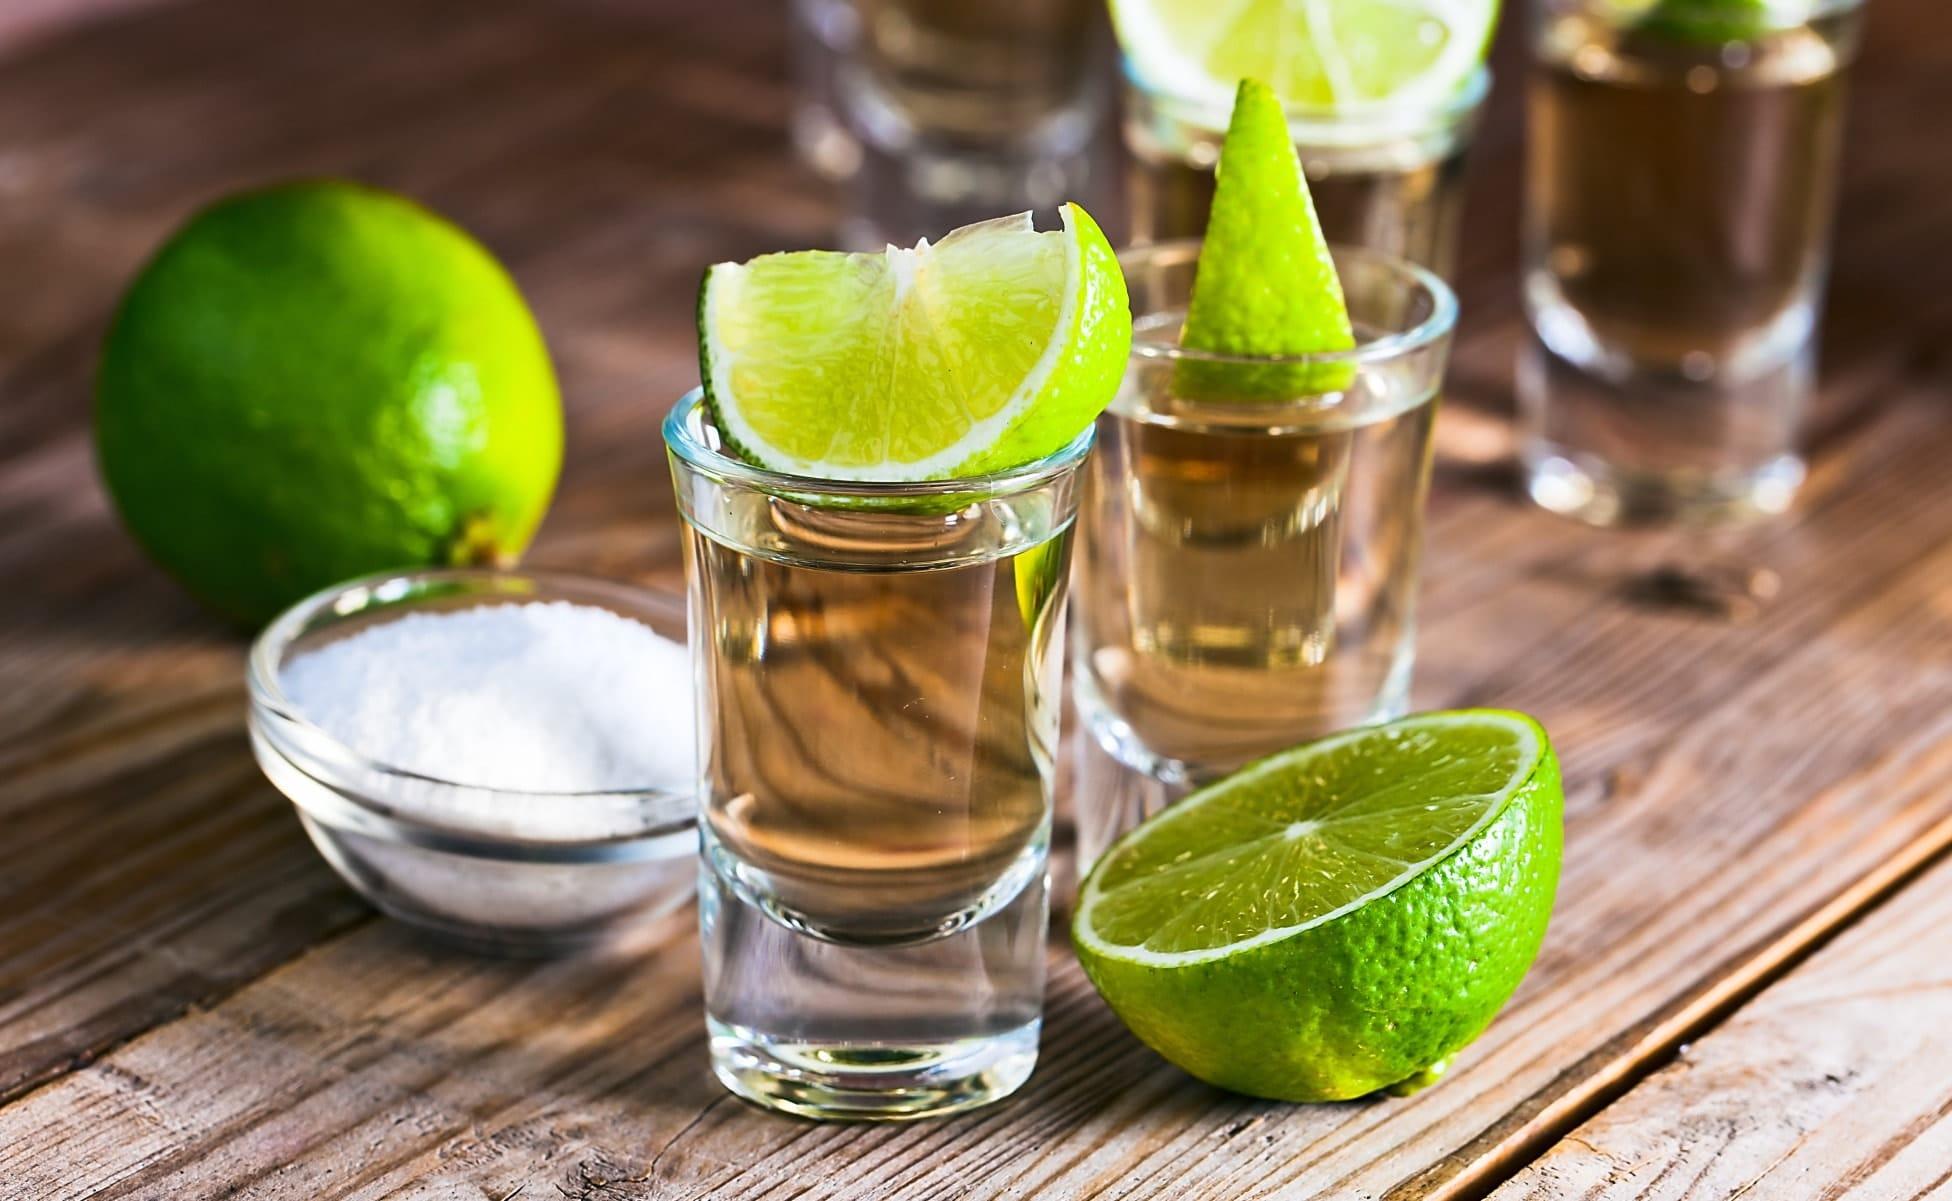 Tomar caballito de tequila